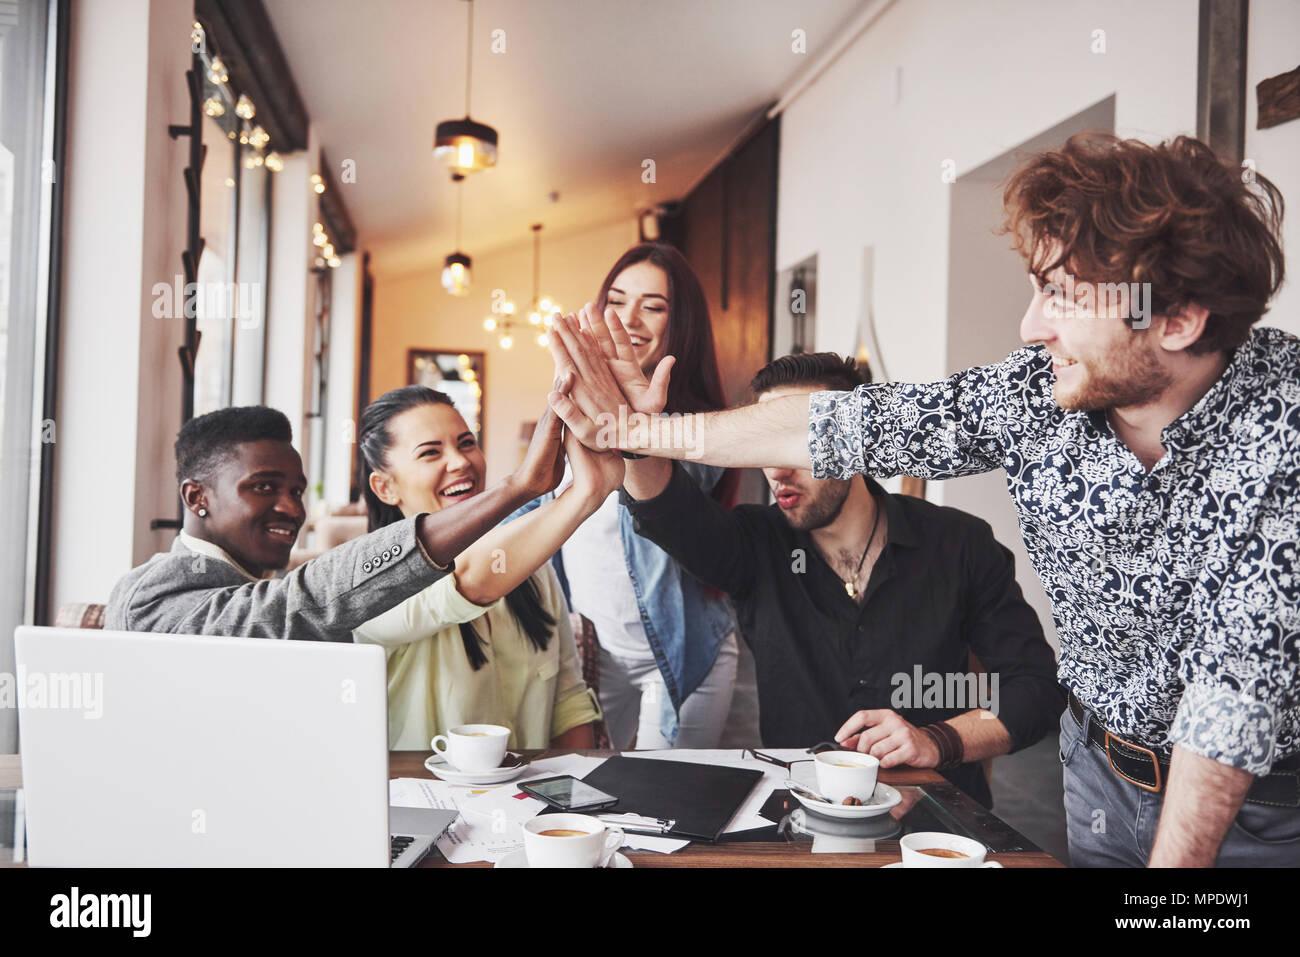 Feliz de los jóvenes empresarios en ropa casual en el café la mesa o en la oficina de negocios dando altos fives los unos a los otros como si celebrando el éxito o iniciar nuevos proyectos Foto de stock